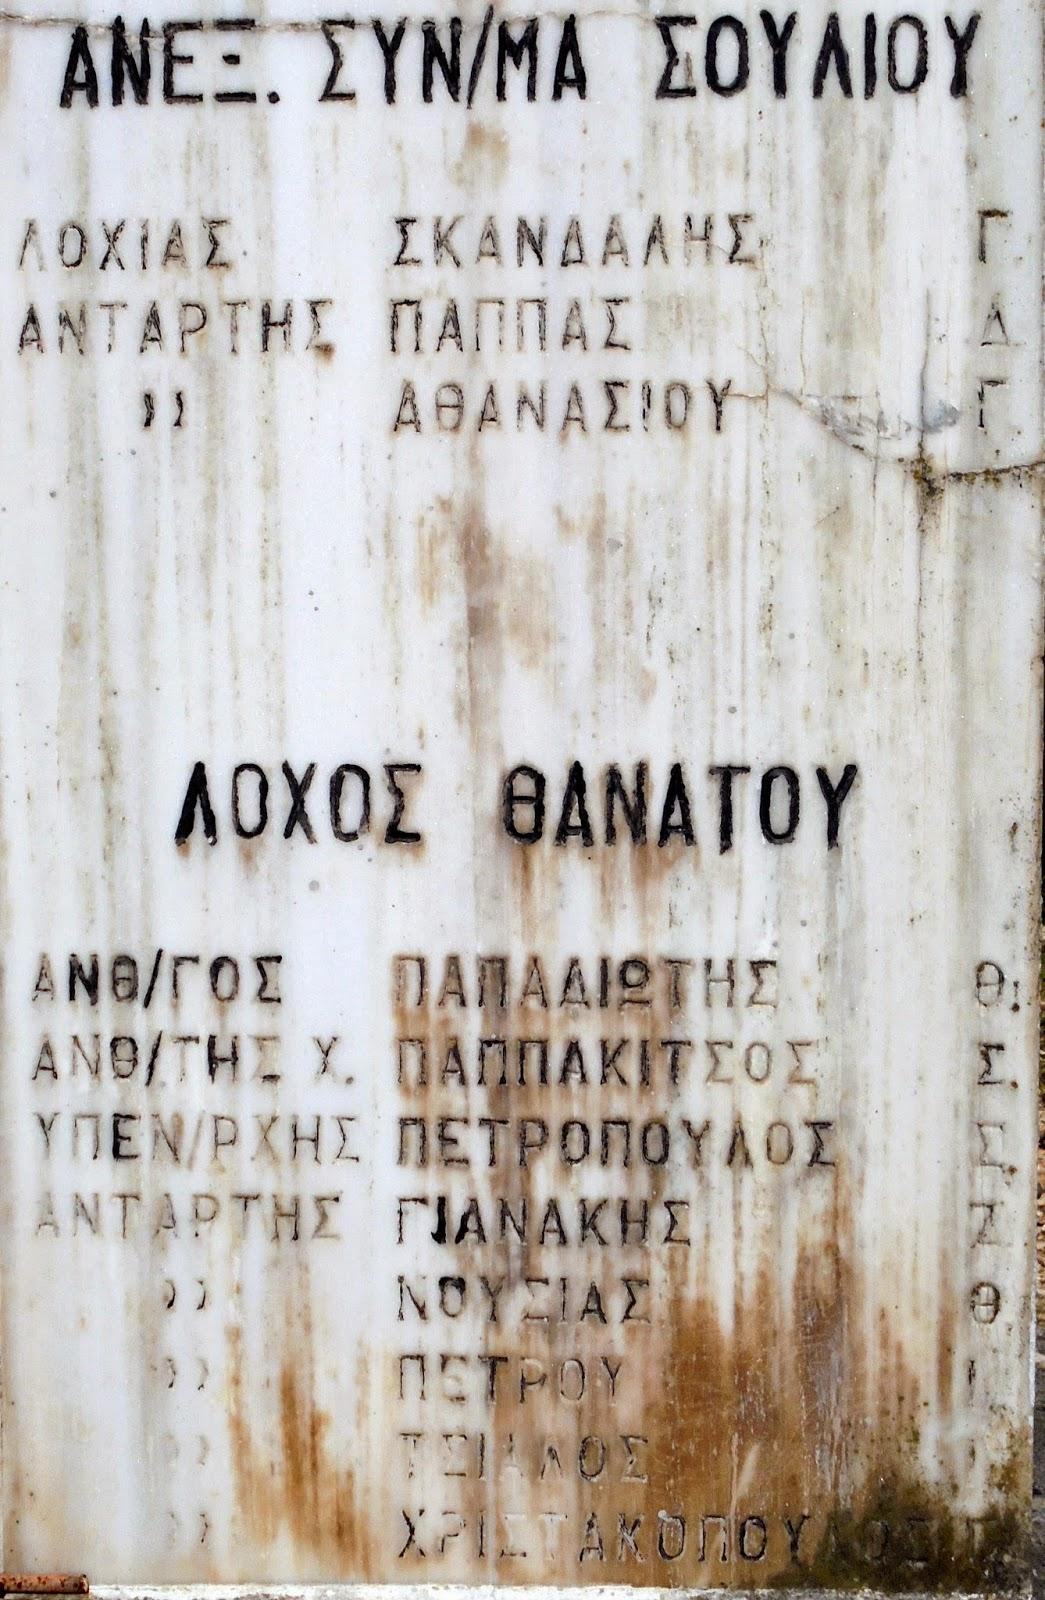 το μνημείο της Εθνικής Αντίστασης στην επαρχιακή οδών Ιωαννίνων - Άρτας